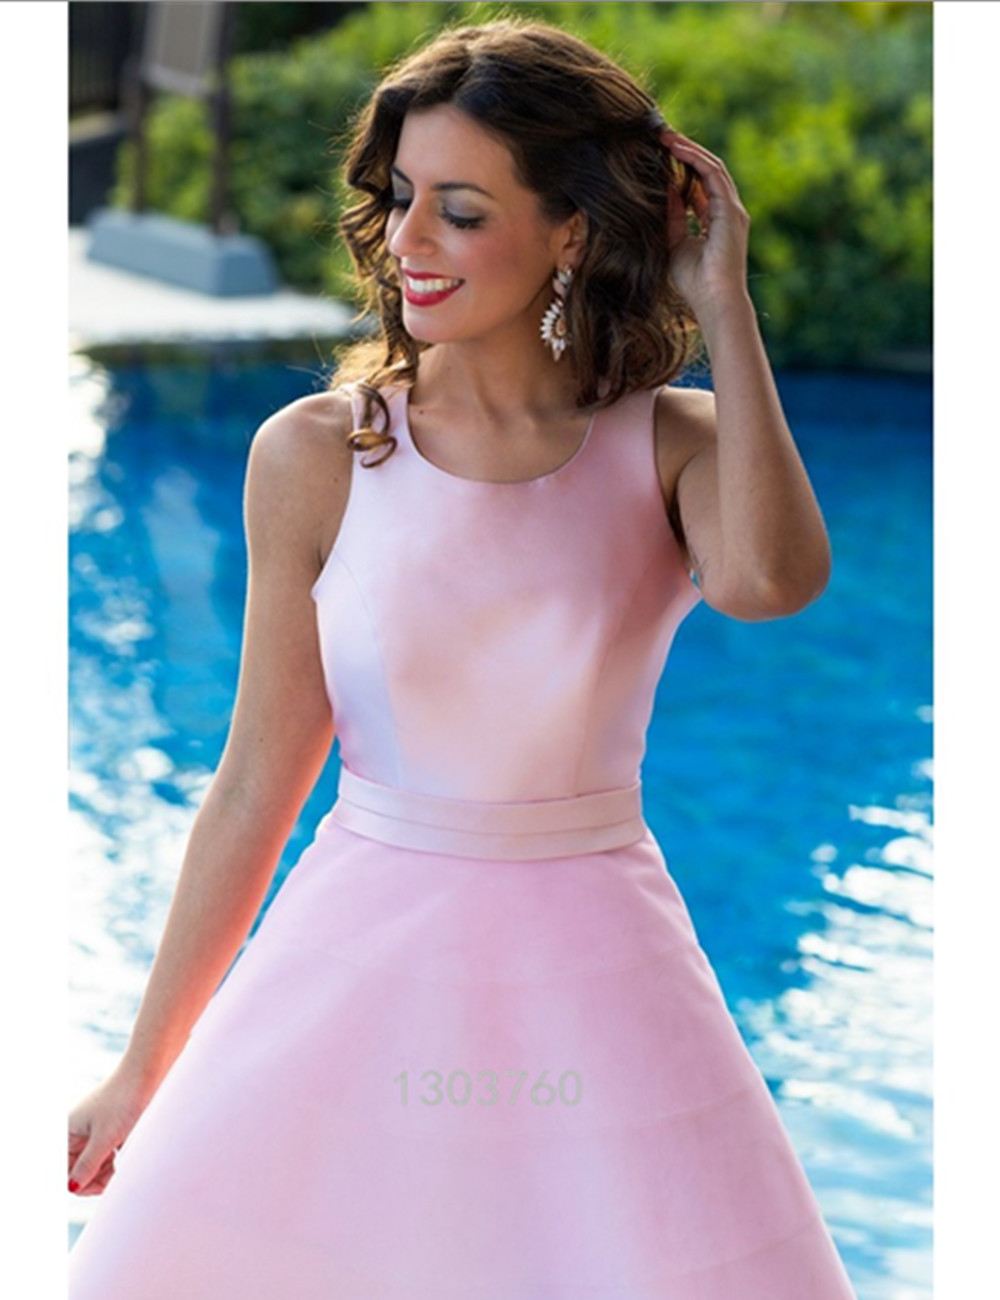 Сексуальная Спинки Розовый Пояса Короткие Homecoming Платья 2016 Scoop Пром Платья Лук Халат Де Коктейль Атласное платье